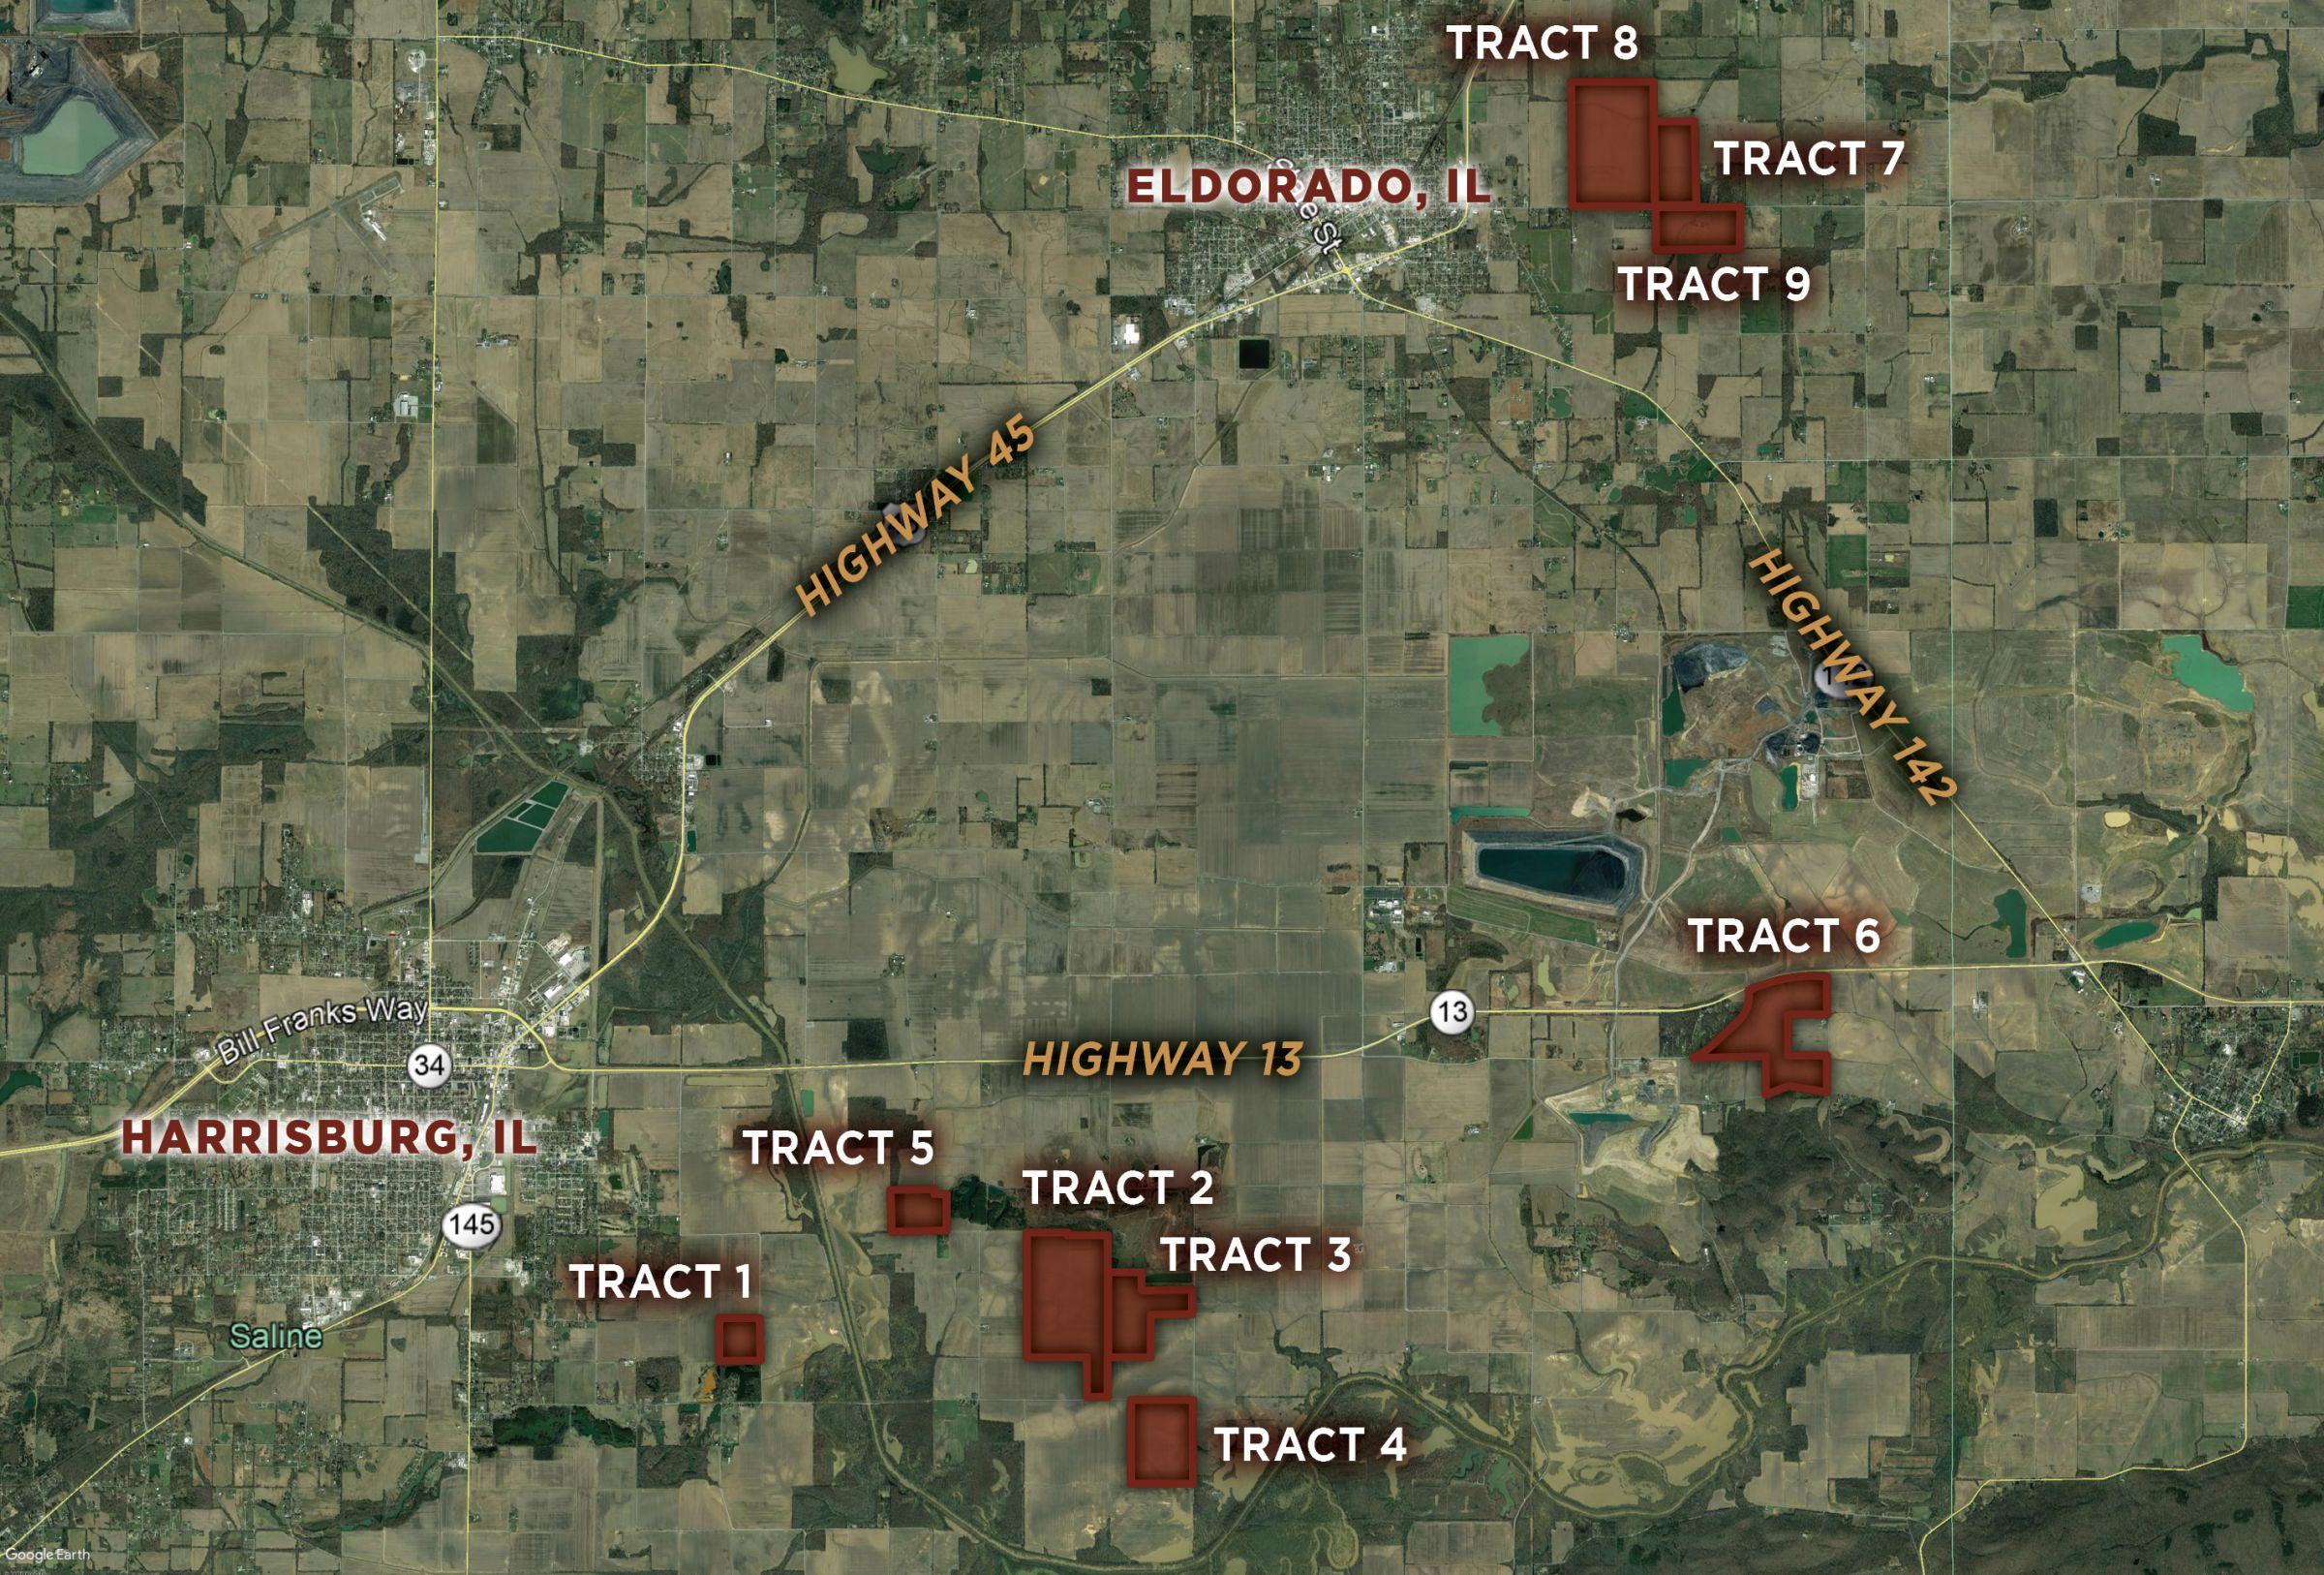 5-ingram-hill-road-62946-0-2020-10-15-152613.jpg